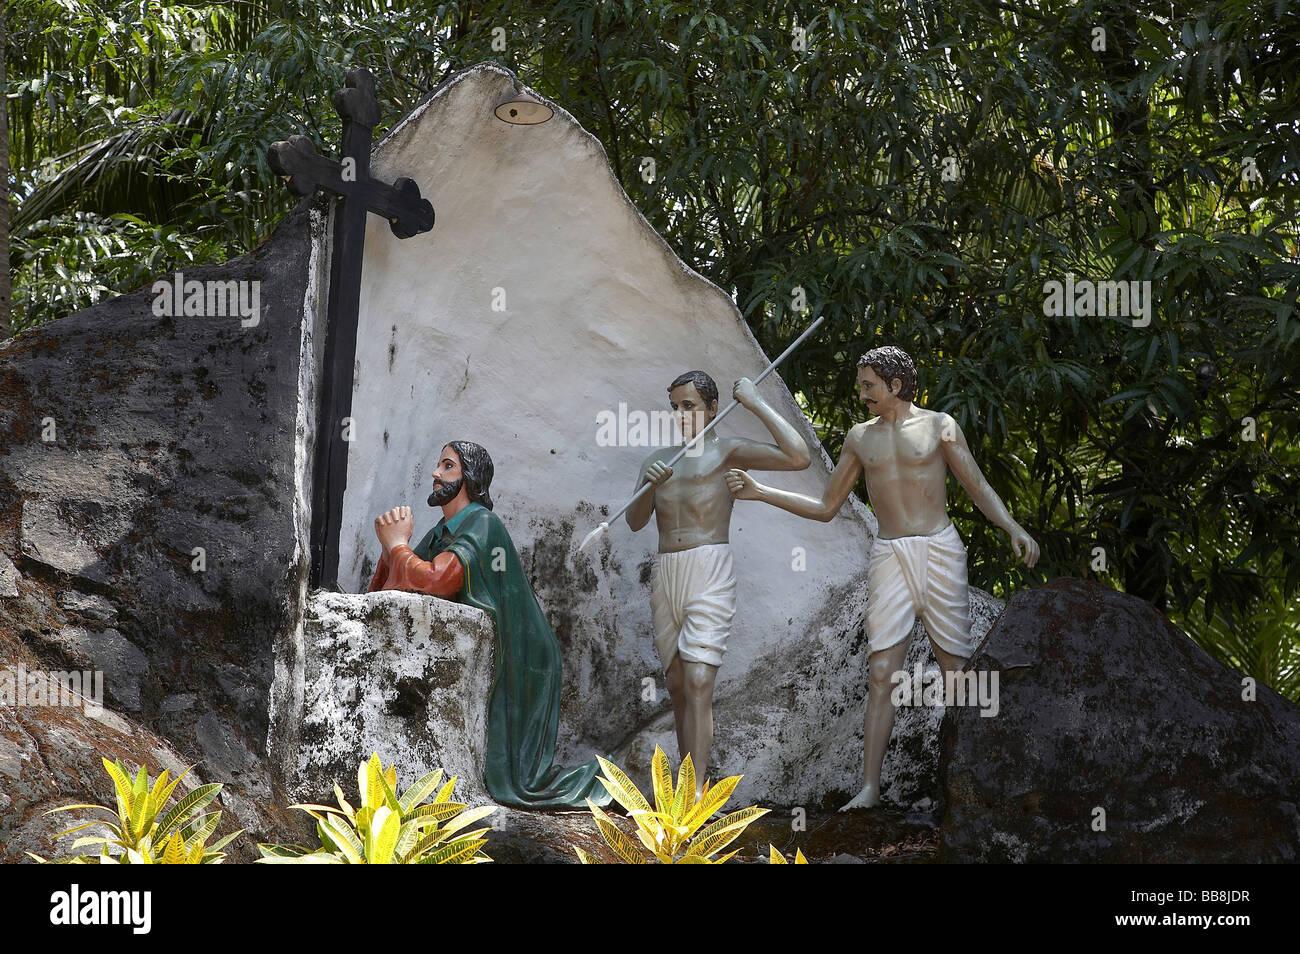 Mayapur Stock Photos & Mayapur Stock Images - Alamy